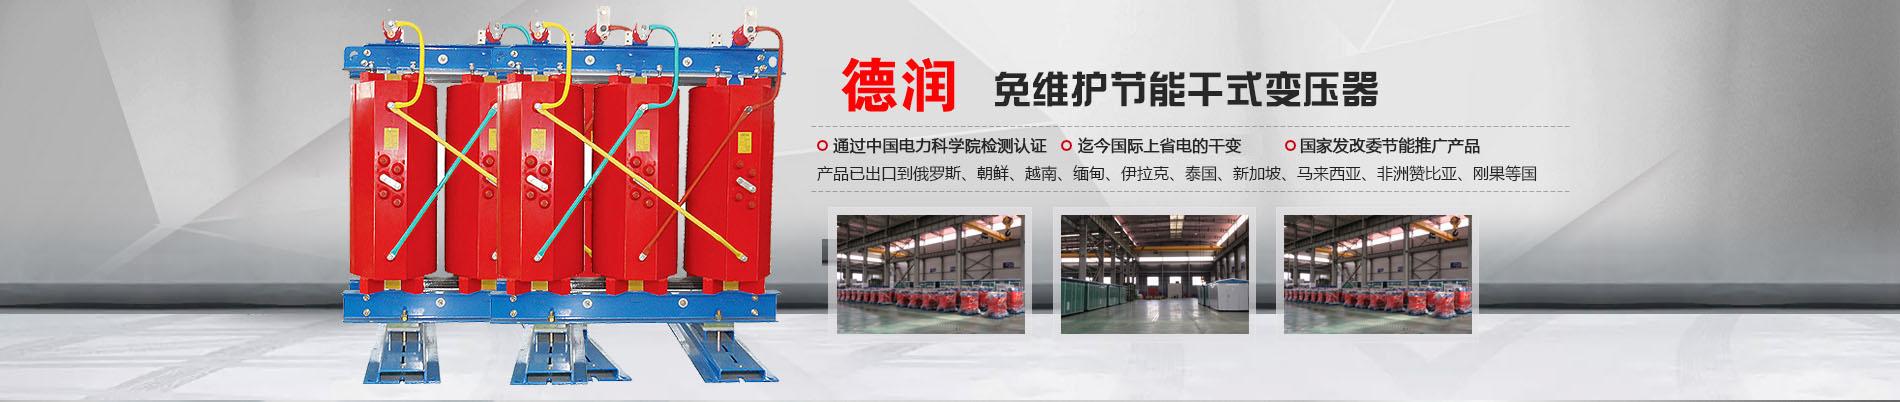 杭州干式变压器厂家